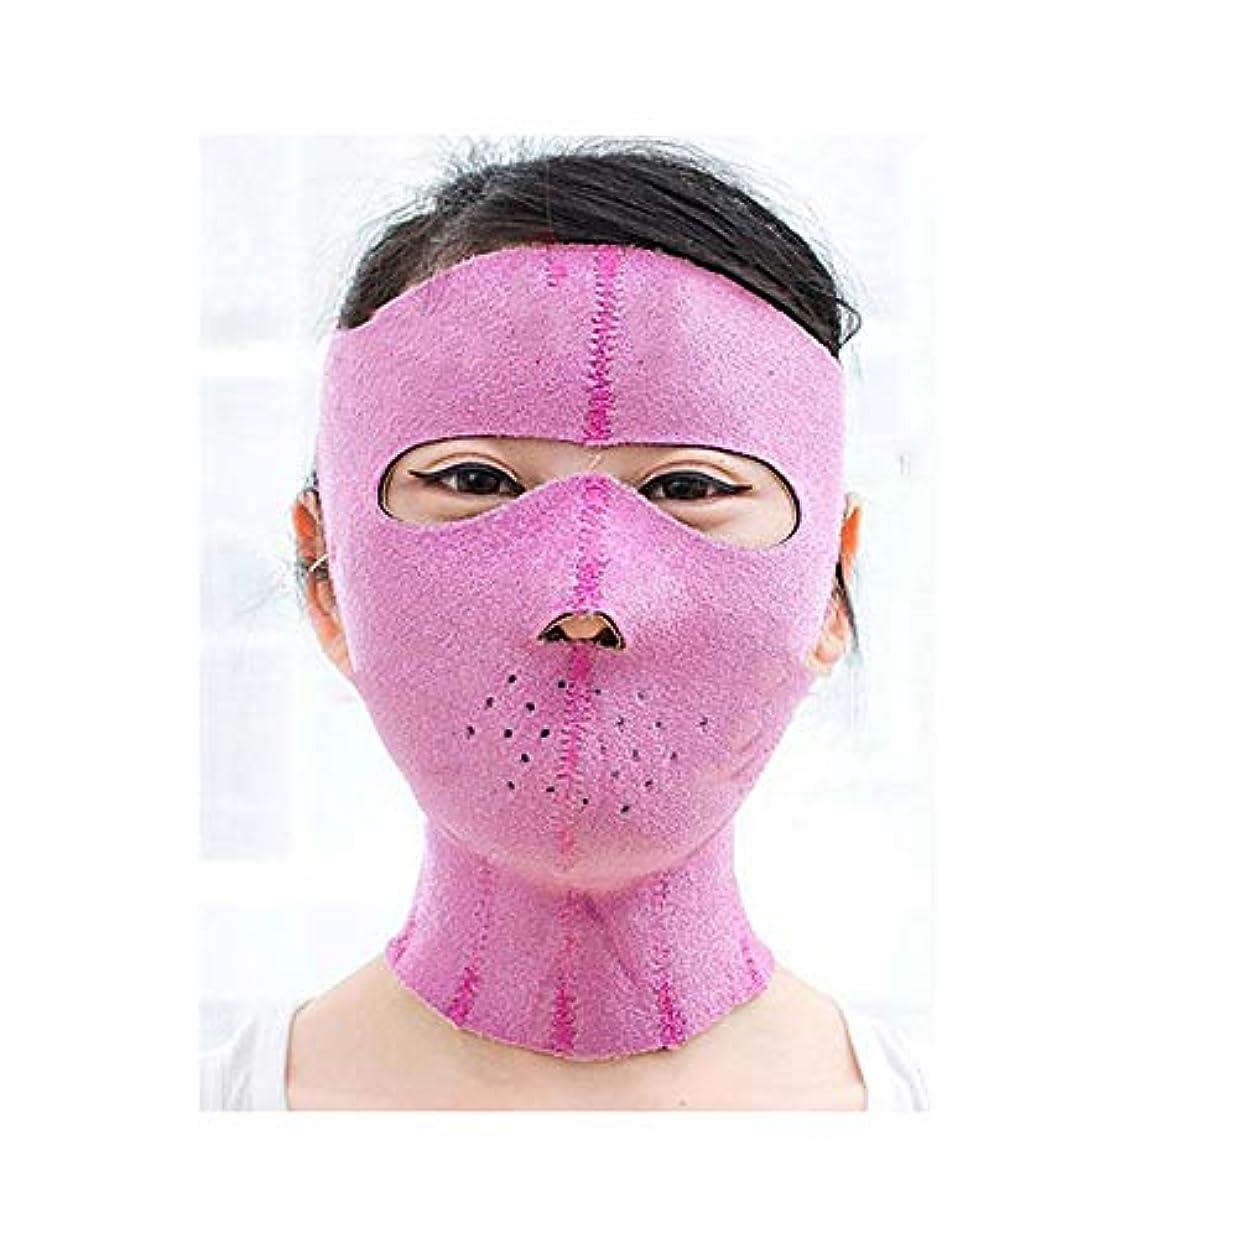 簡単な腫瘍あさりフェイスリフティングサウナマスク、ウィッキングフェイス包帯/スモールフェイスアーチファクト/フェイスマスク(ピンク)